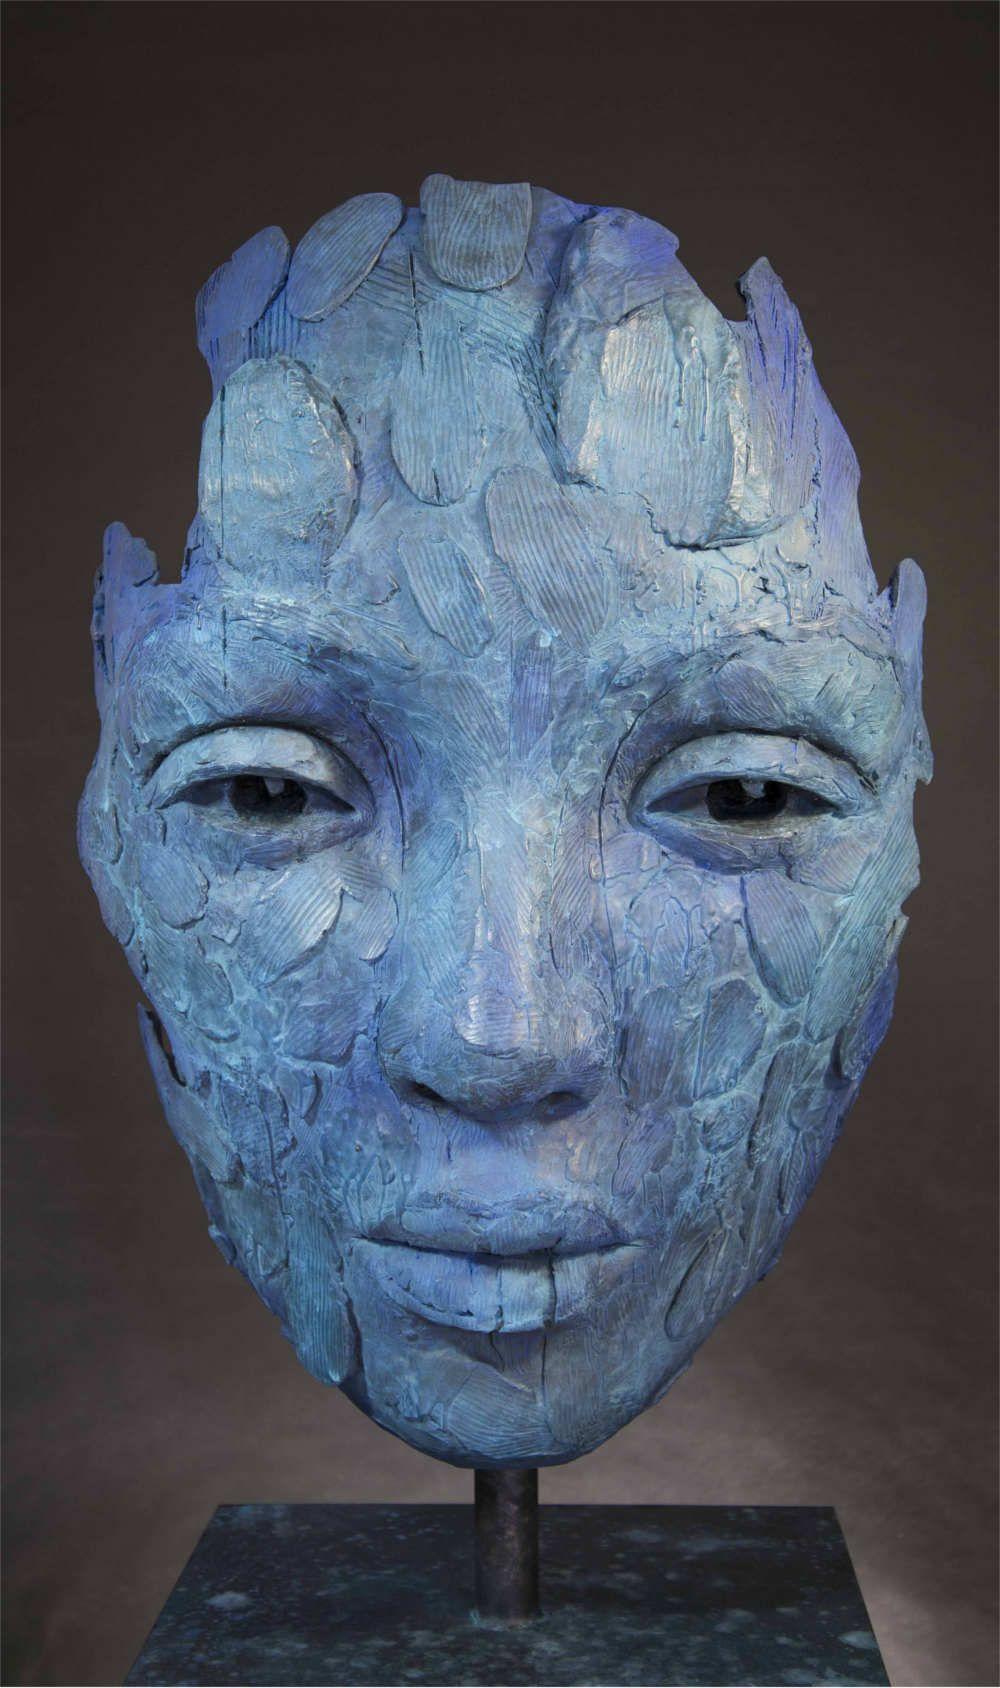 Lionel-Smit-Assemble Fragment, 2015, Bronze, Edition 1 of 6, 86 x 61 x 40cm